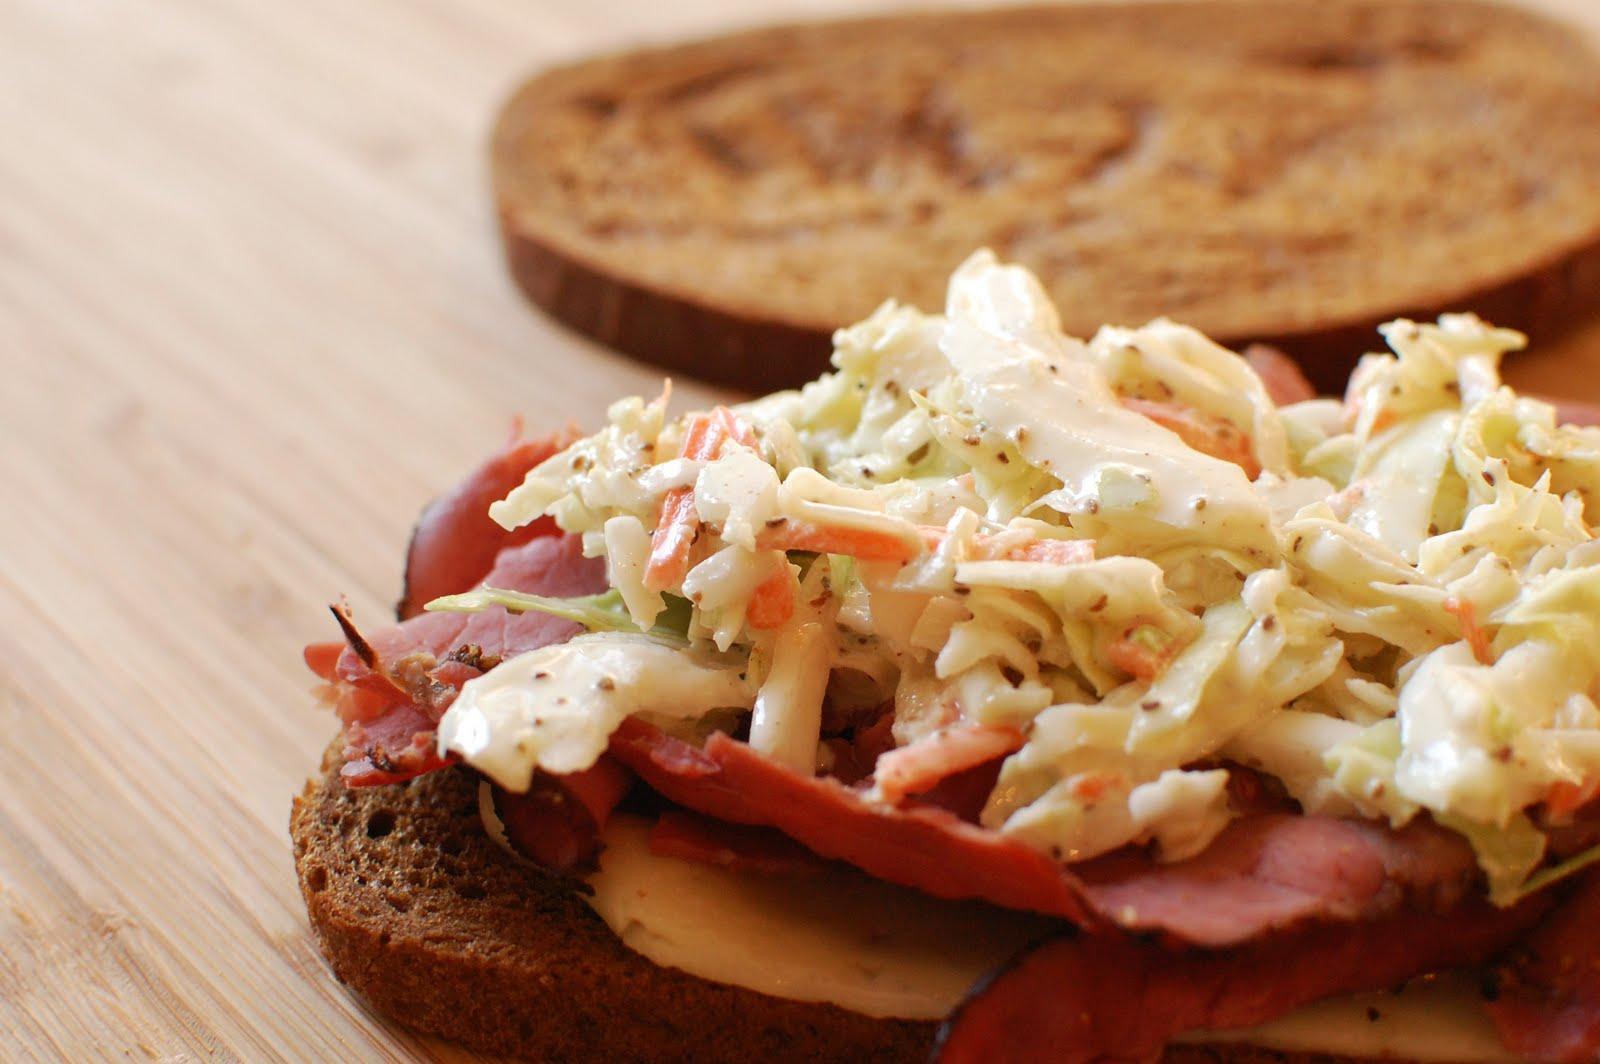 The Rachel Sandwich ~ The Beard Man's #1 Sandwich! - Or so she says...